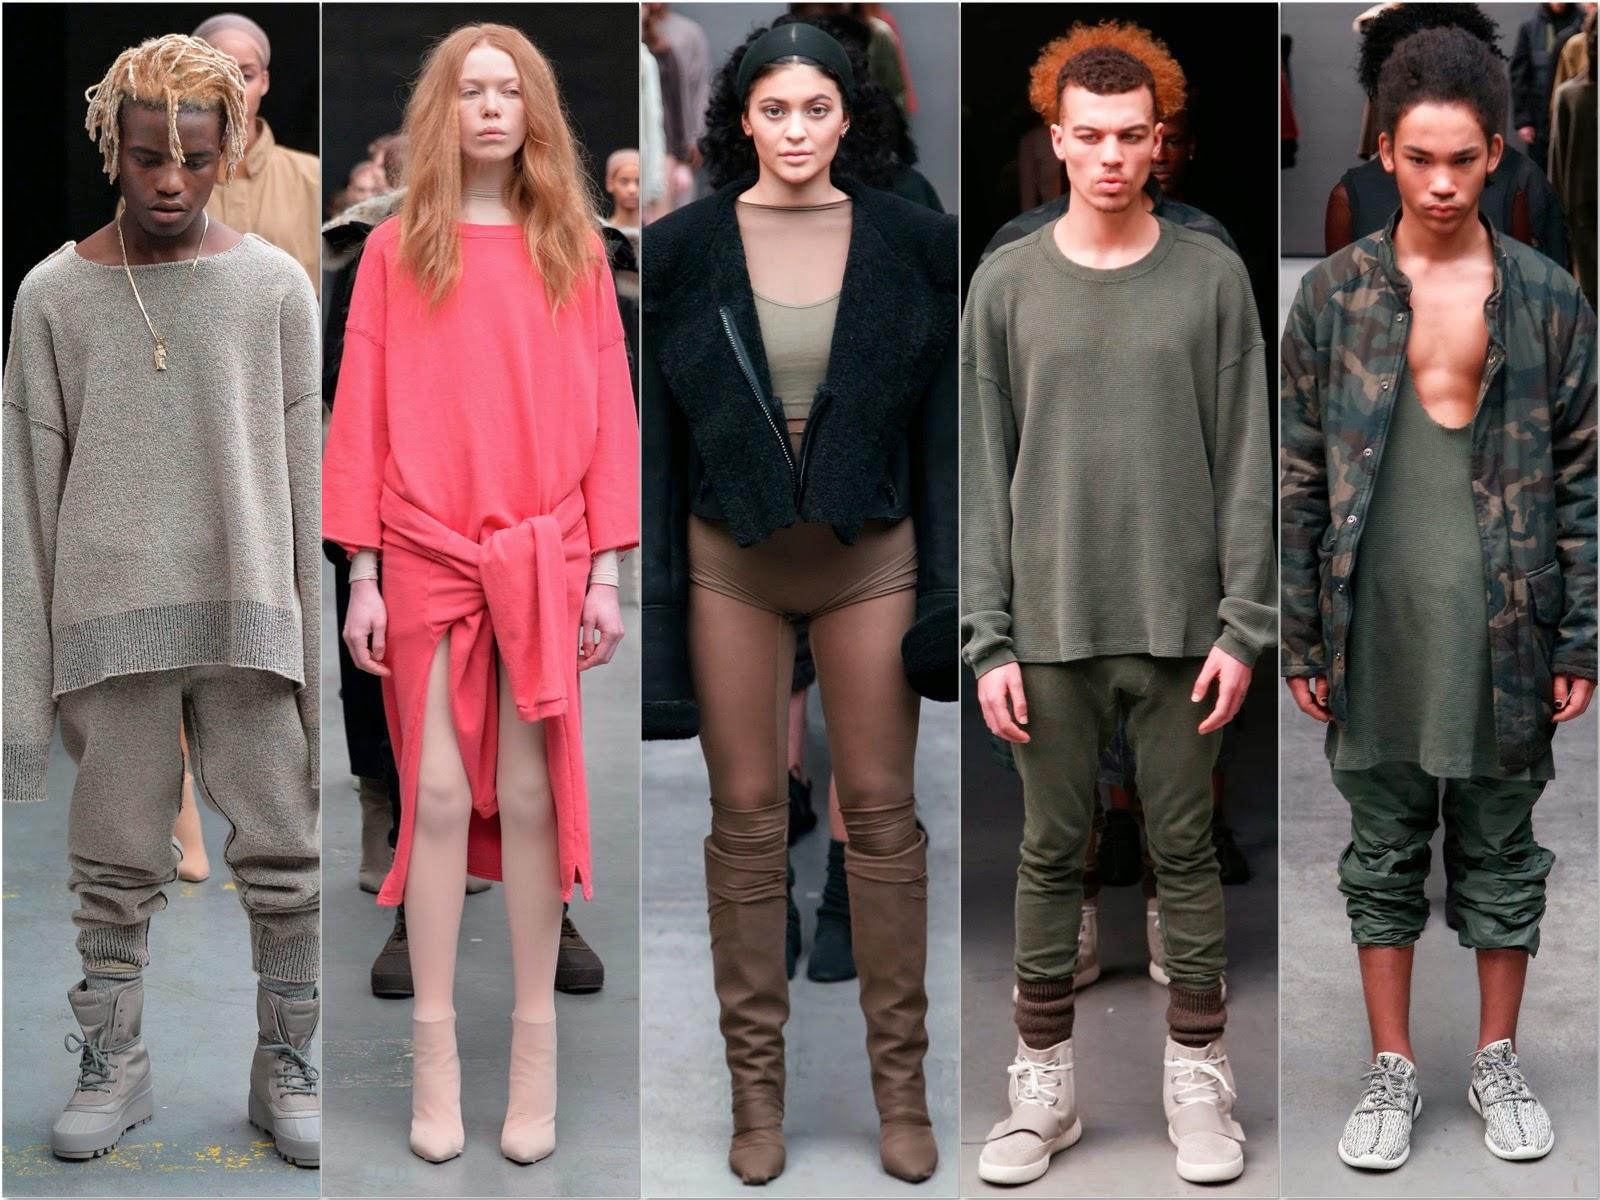 e01e907bf6c21 ... La présentation de la collection de Kanye West pour Adidas à la fashion  week de New